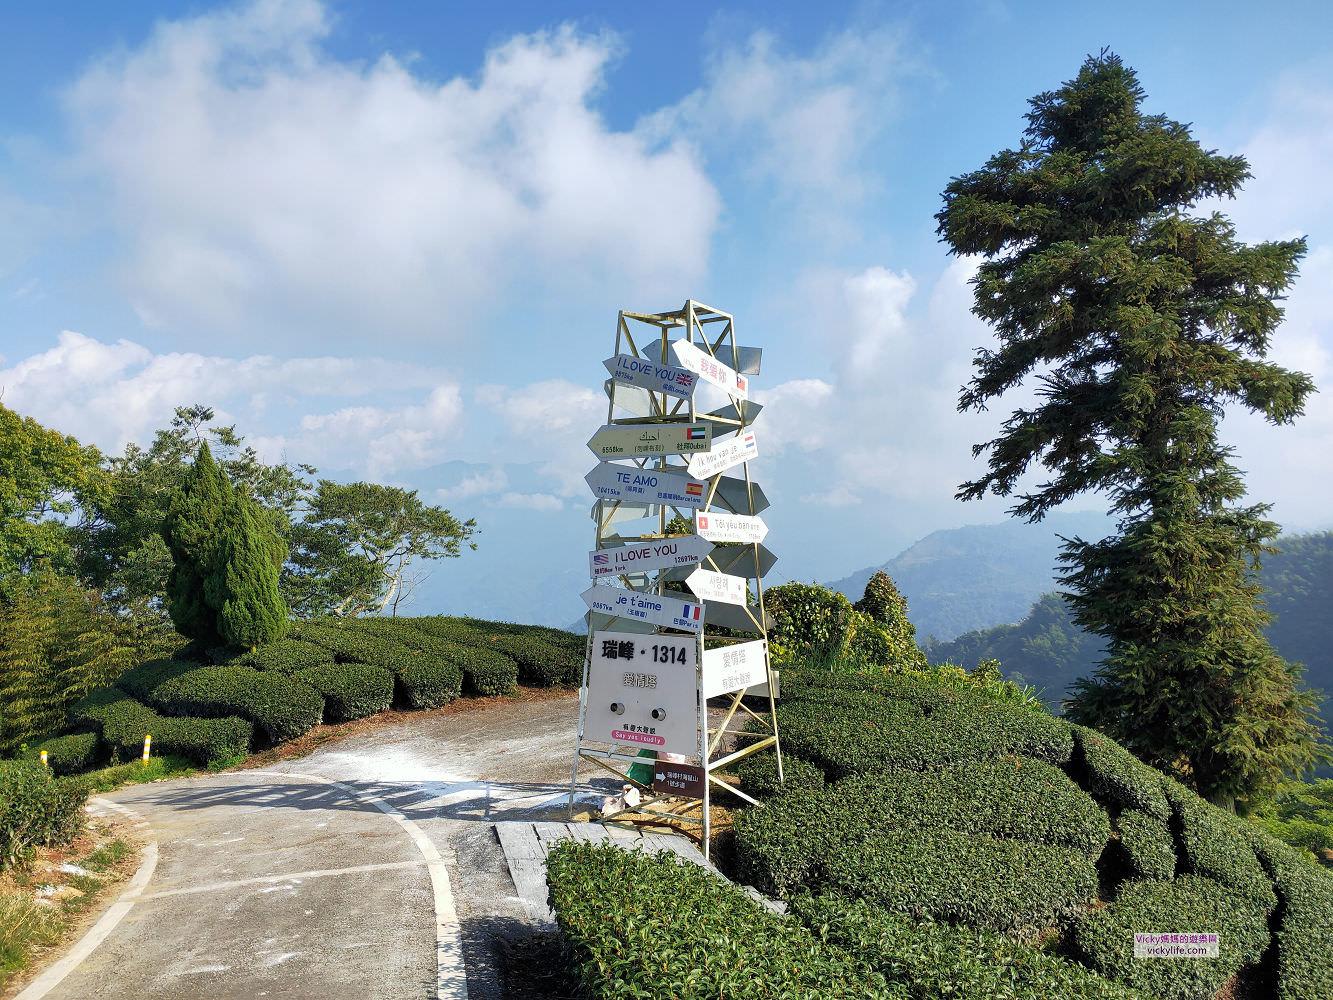 嘉義︱瑞里、瑞峰之旅:採茶、泡茶體驗,1314觀景台、雲潭瀑布、交力坪車站、美到屏息的太興岩步道